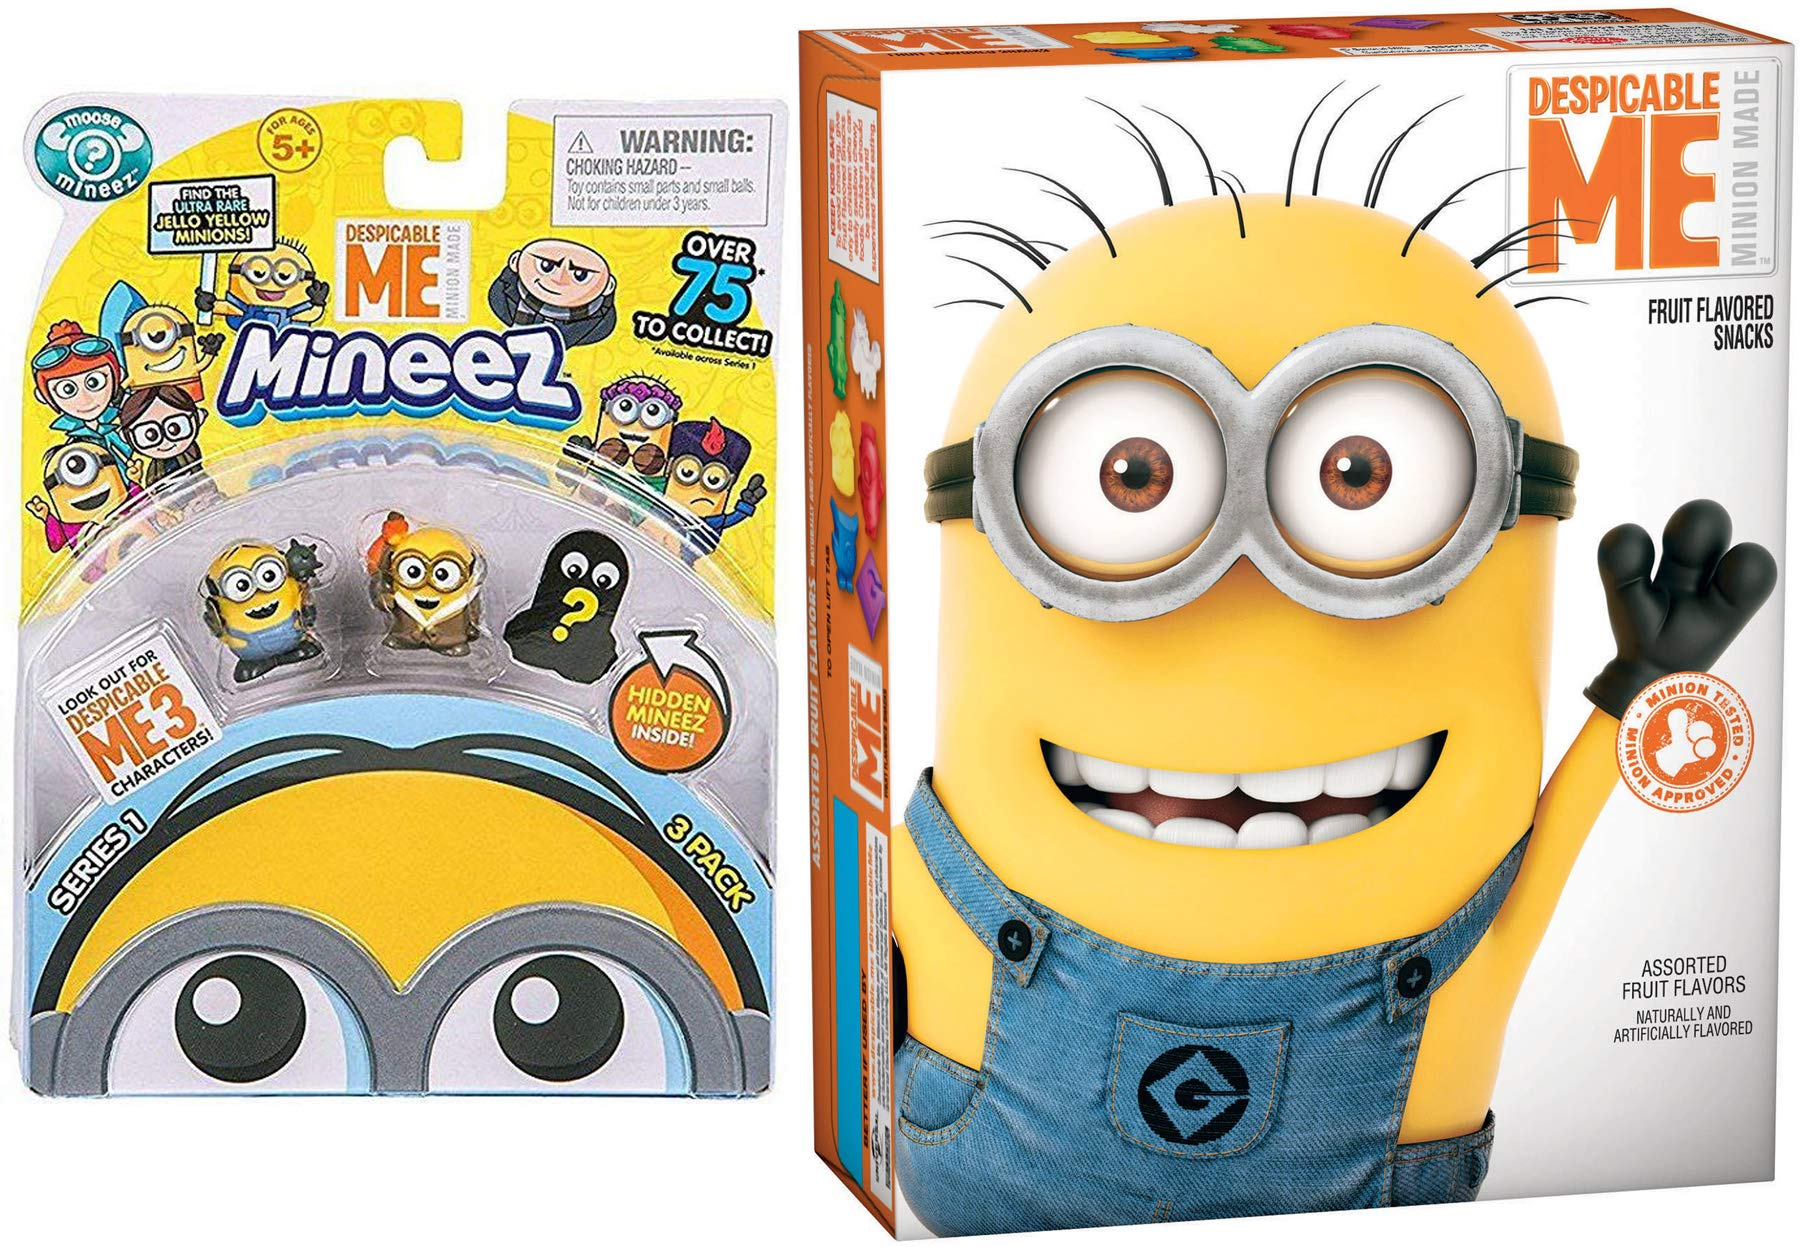 Character Minion Snacks Assorted Fruit Flavor Pouches Despicable Me 3 + Bonus Mineez Mini Figures pack